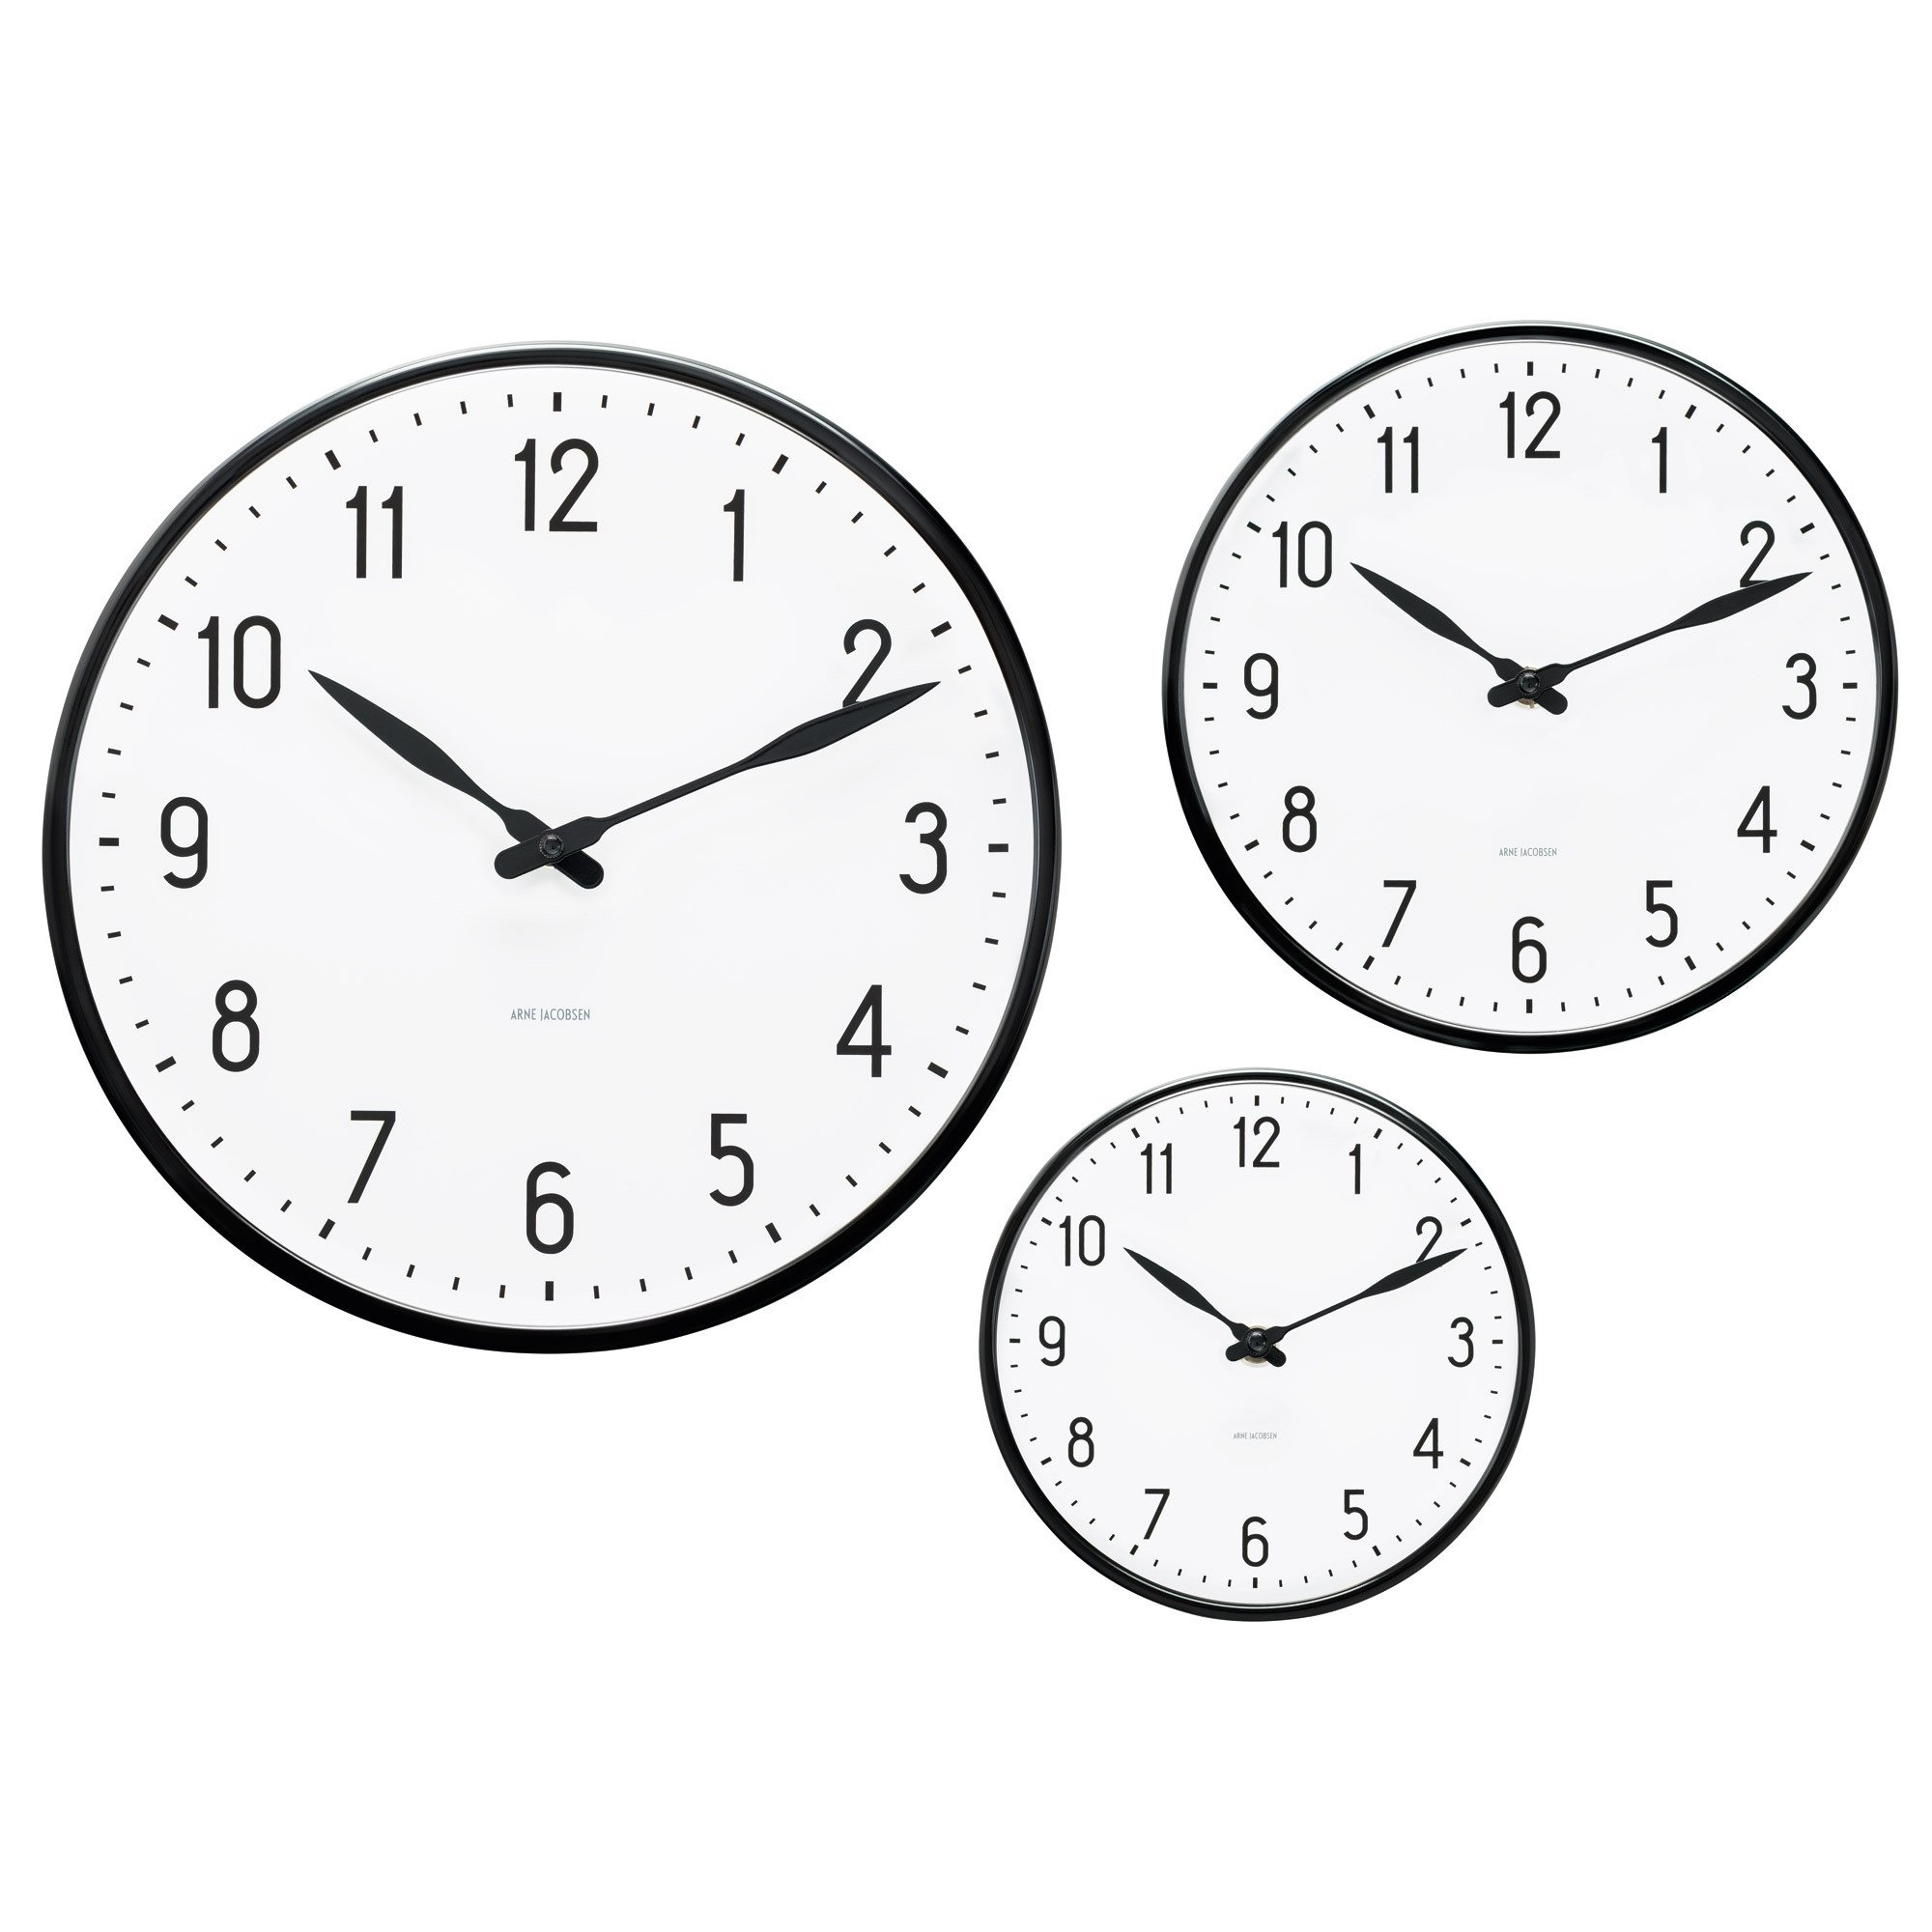 Wall Clock Drawing At Getdrawings